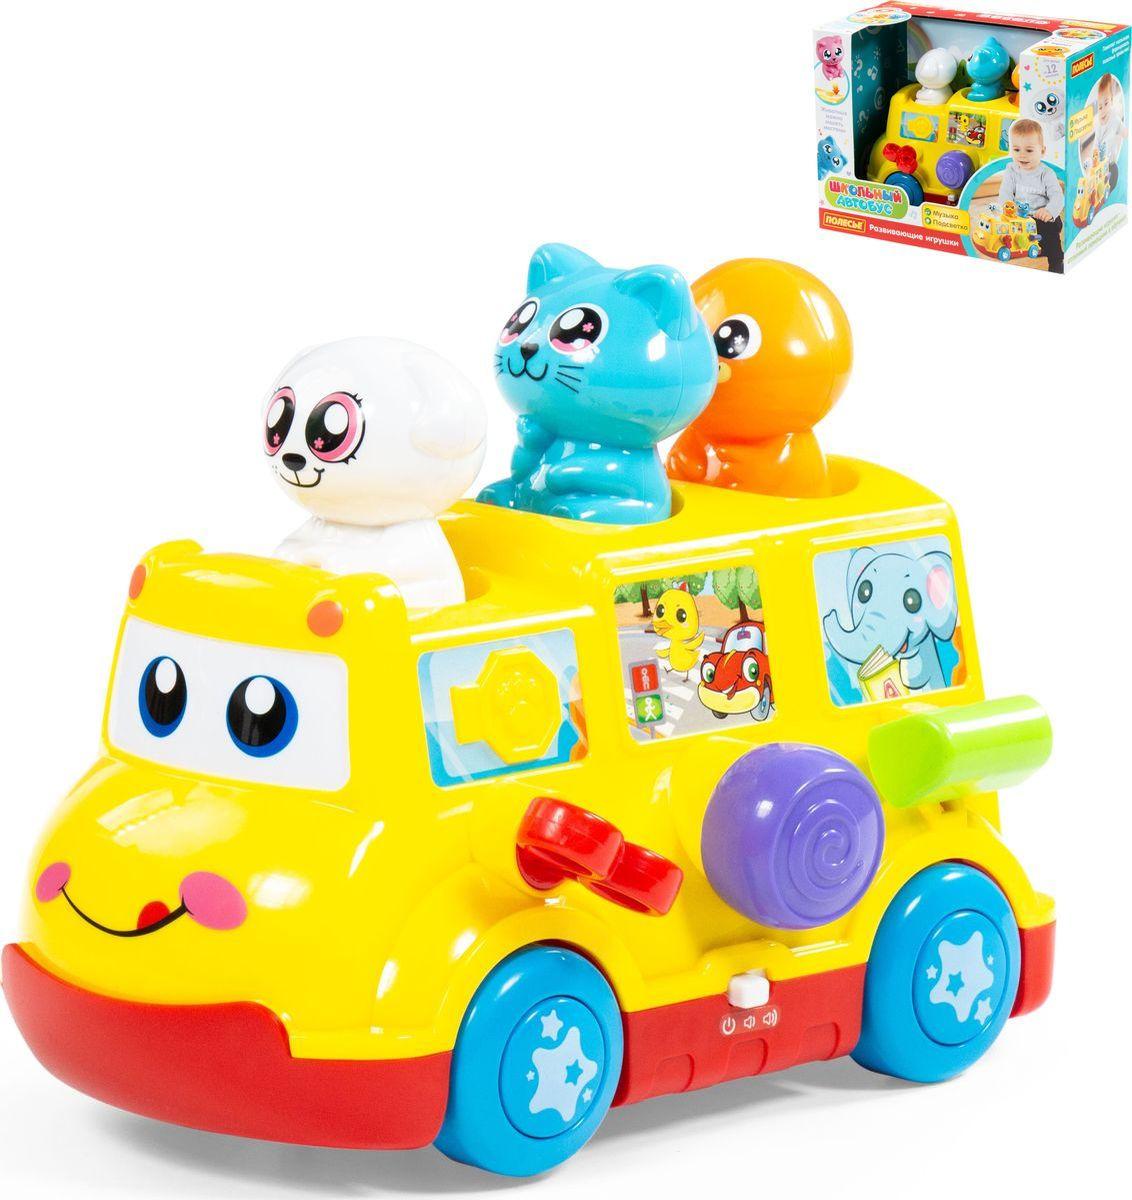 Развивающая игрушка Полесье Школьный автобус, 77080 игрушка полесье корабль чайка 36964